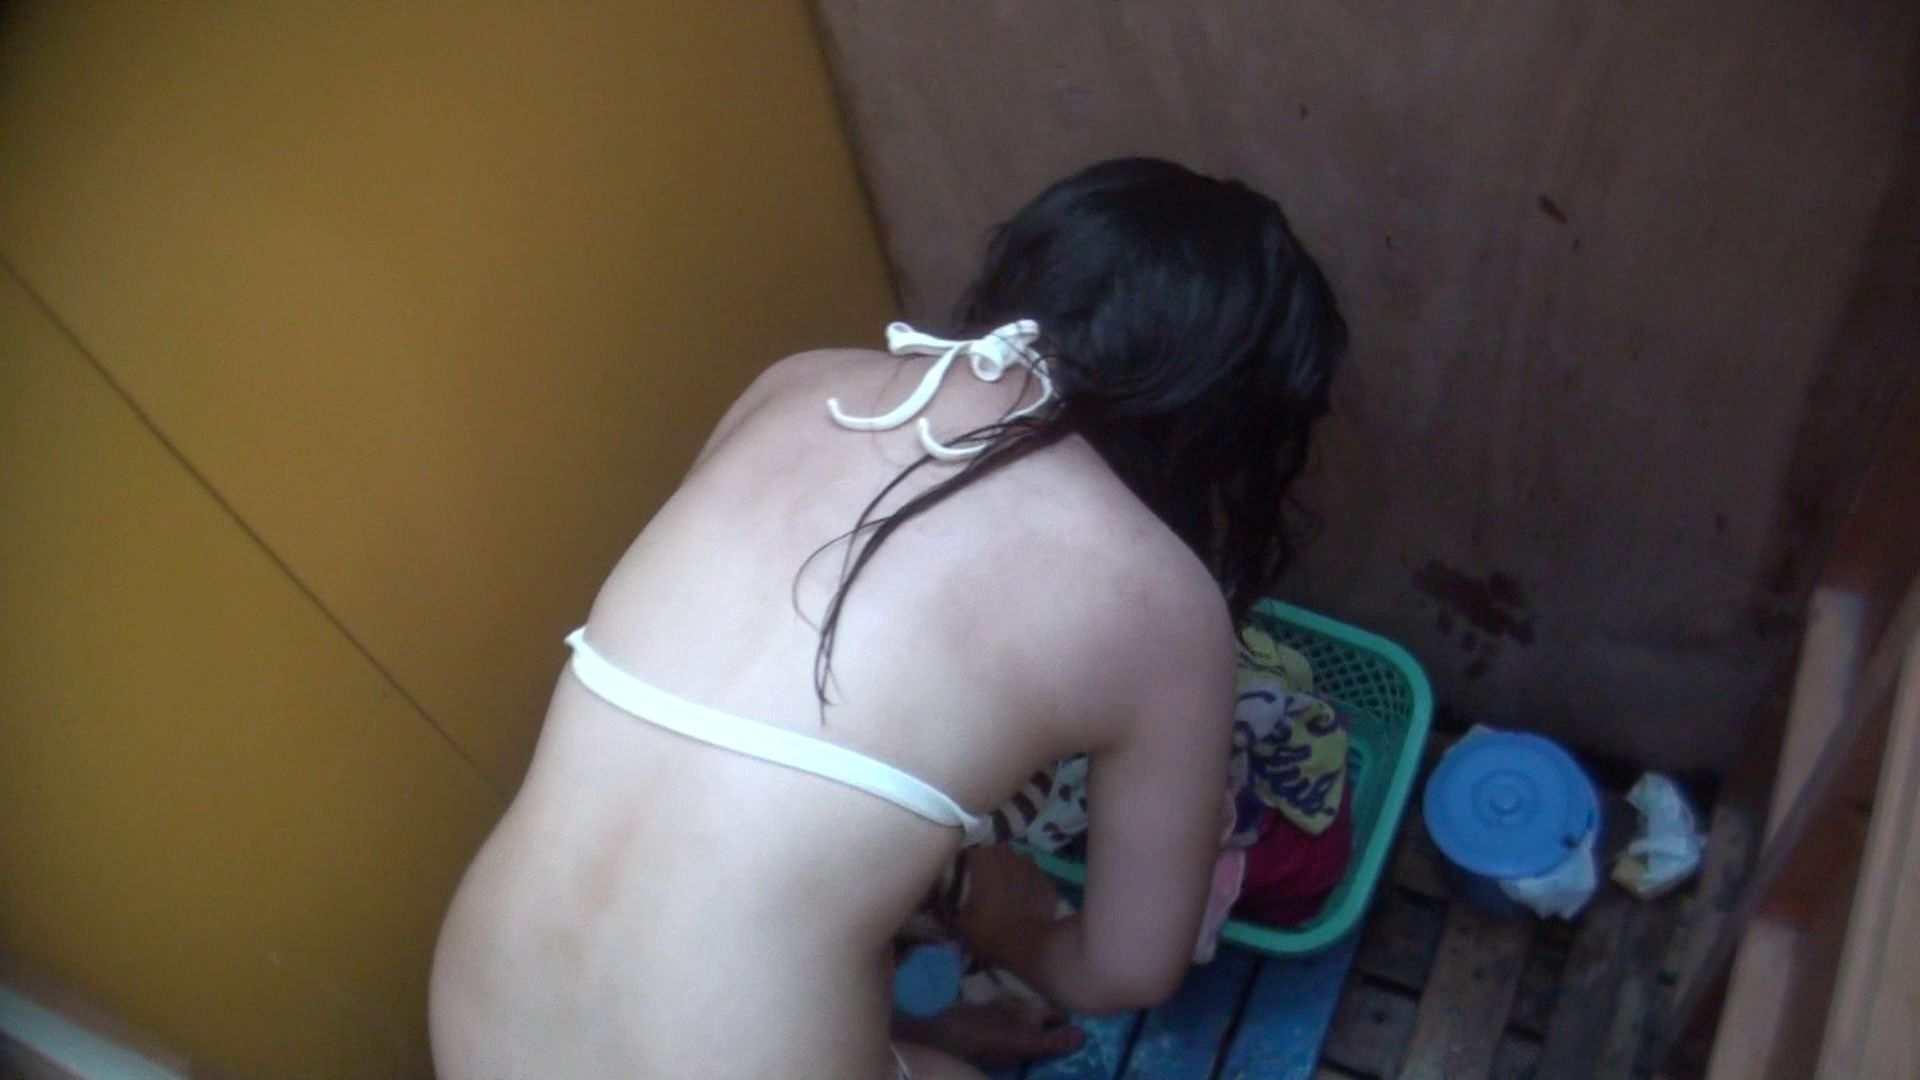 シャワールームは超!!危険な香りVol.13 ムッチムチのいやらしい身体つき シャワー  111pic 46